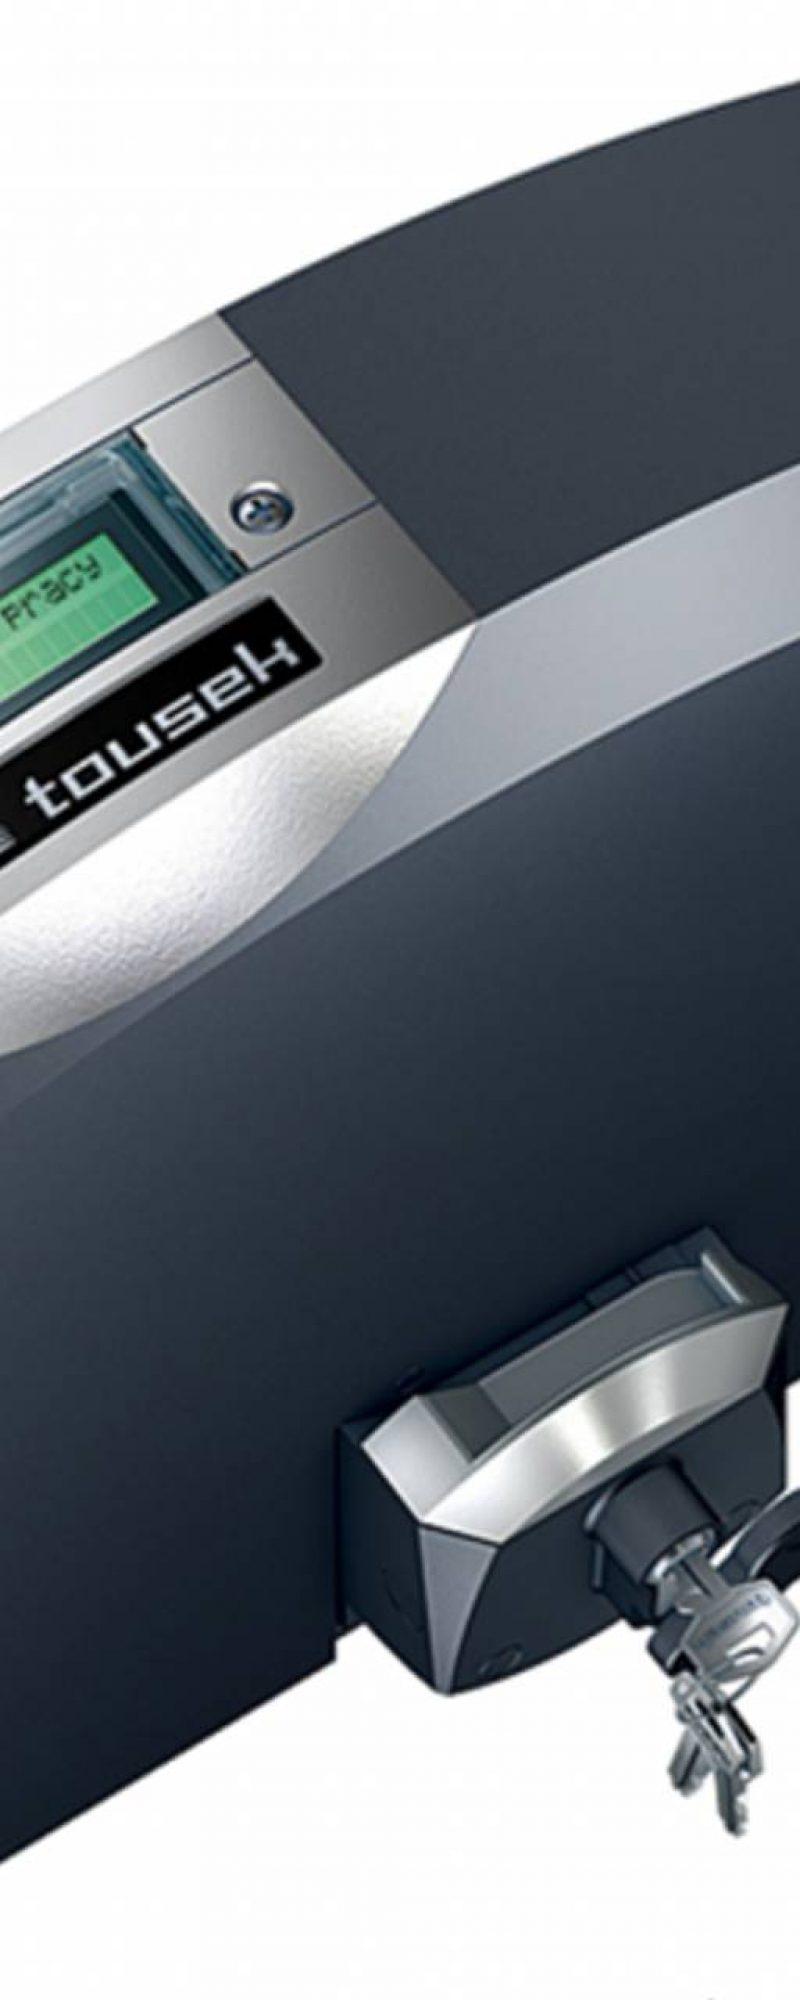 Ogrodzenie - Napęd firmy Tousek